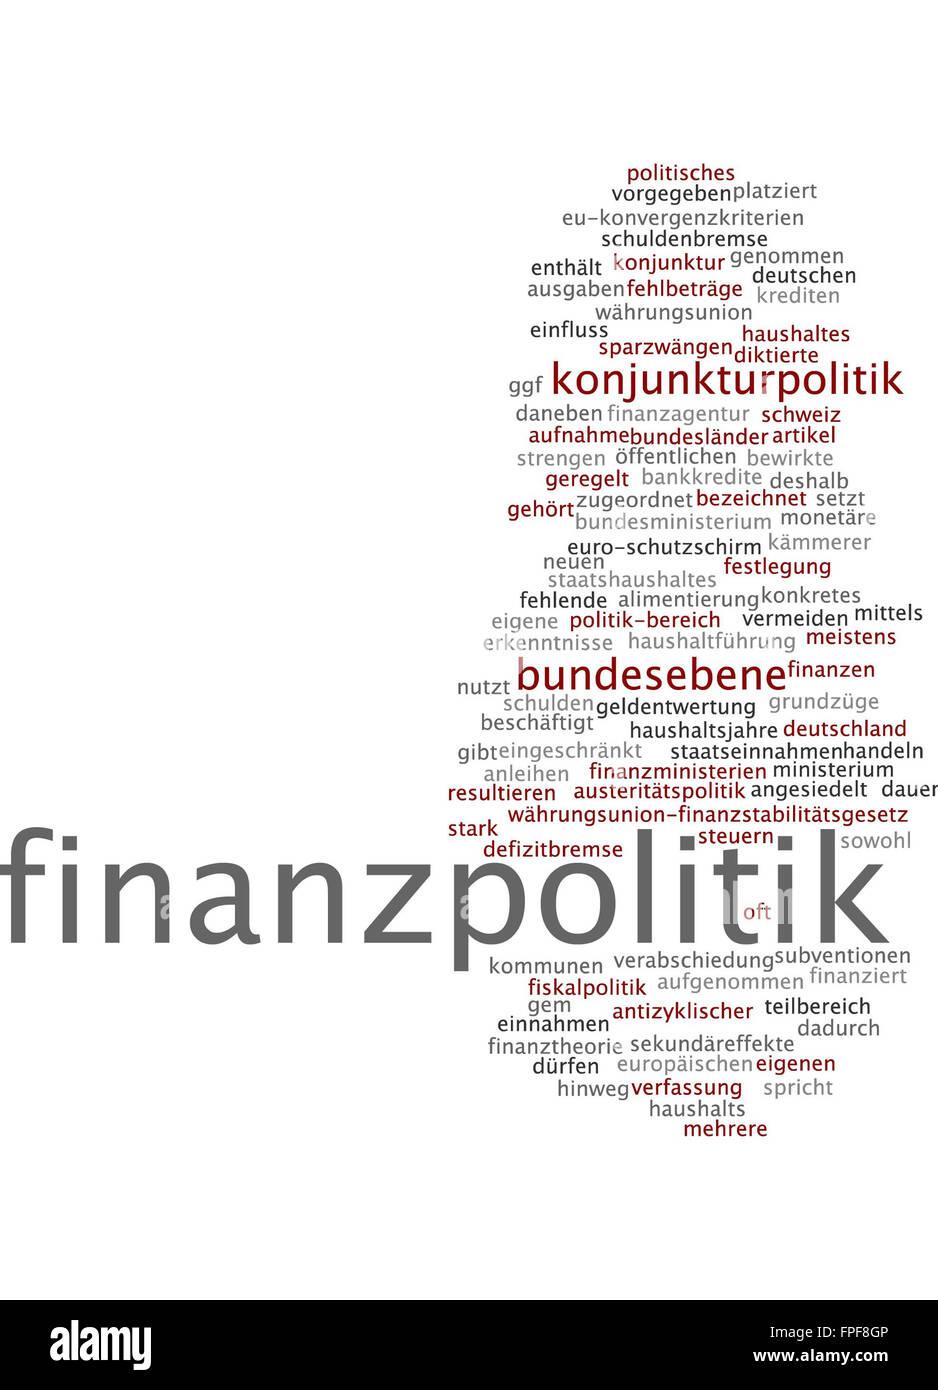 Antizyklische fiskalpolitik